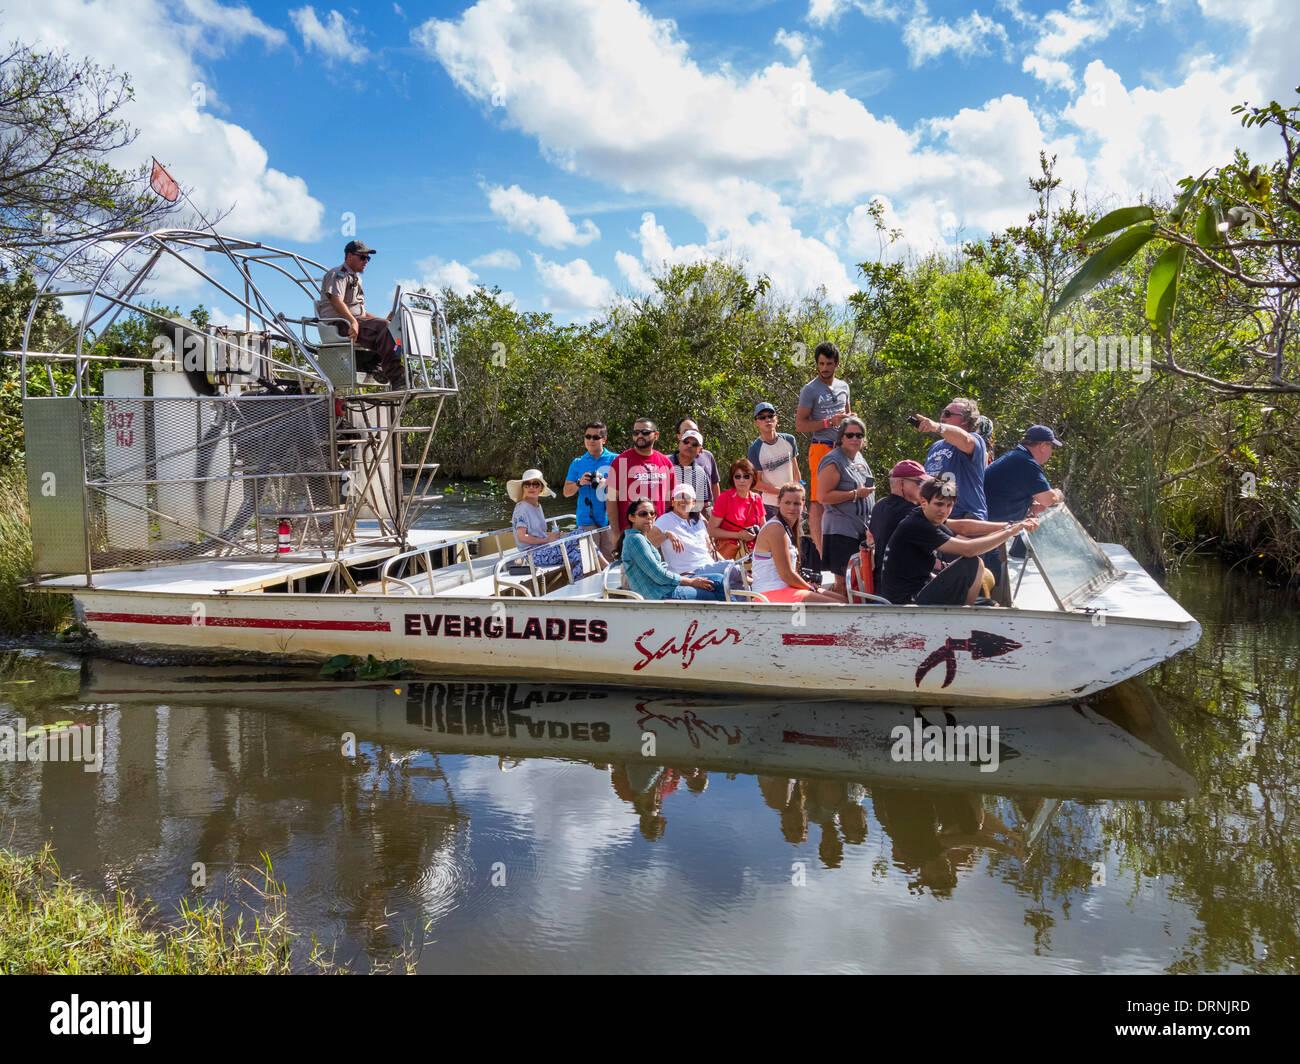 Le Parc National des Everglades de Floride, USA - Groupe de touristes sur un hydroglisseur visites ride tour de bateau voyage en été Photo Stock